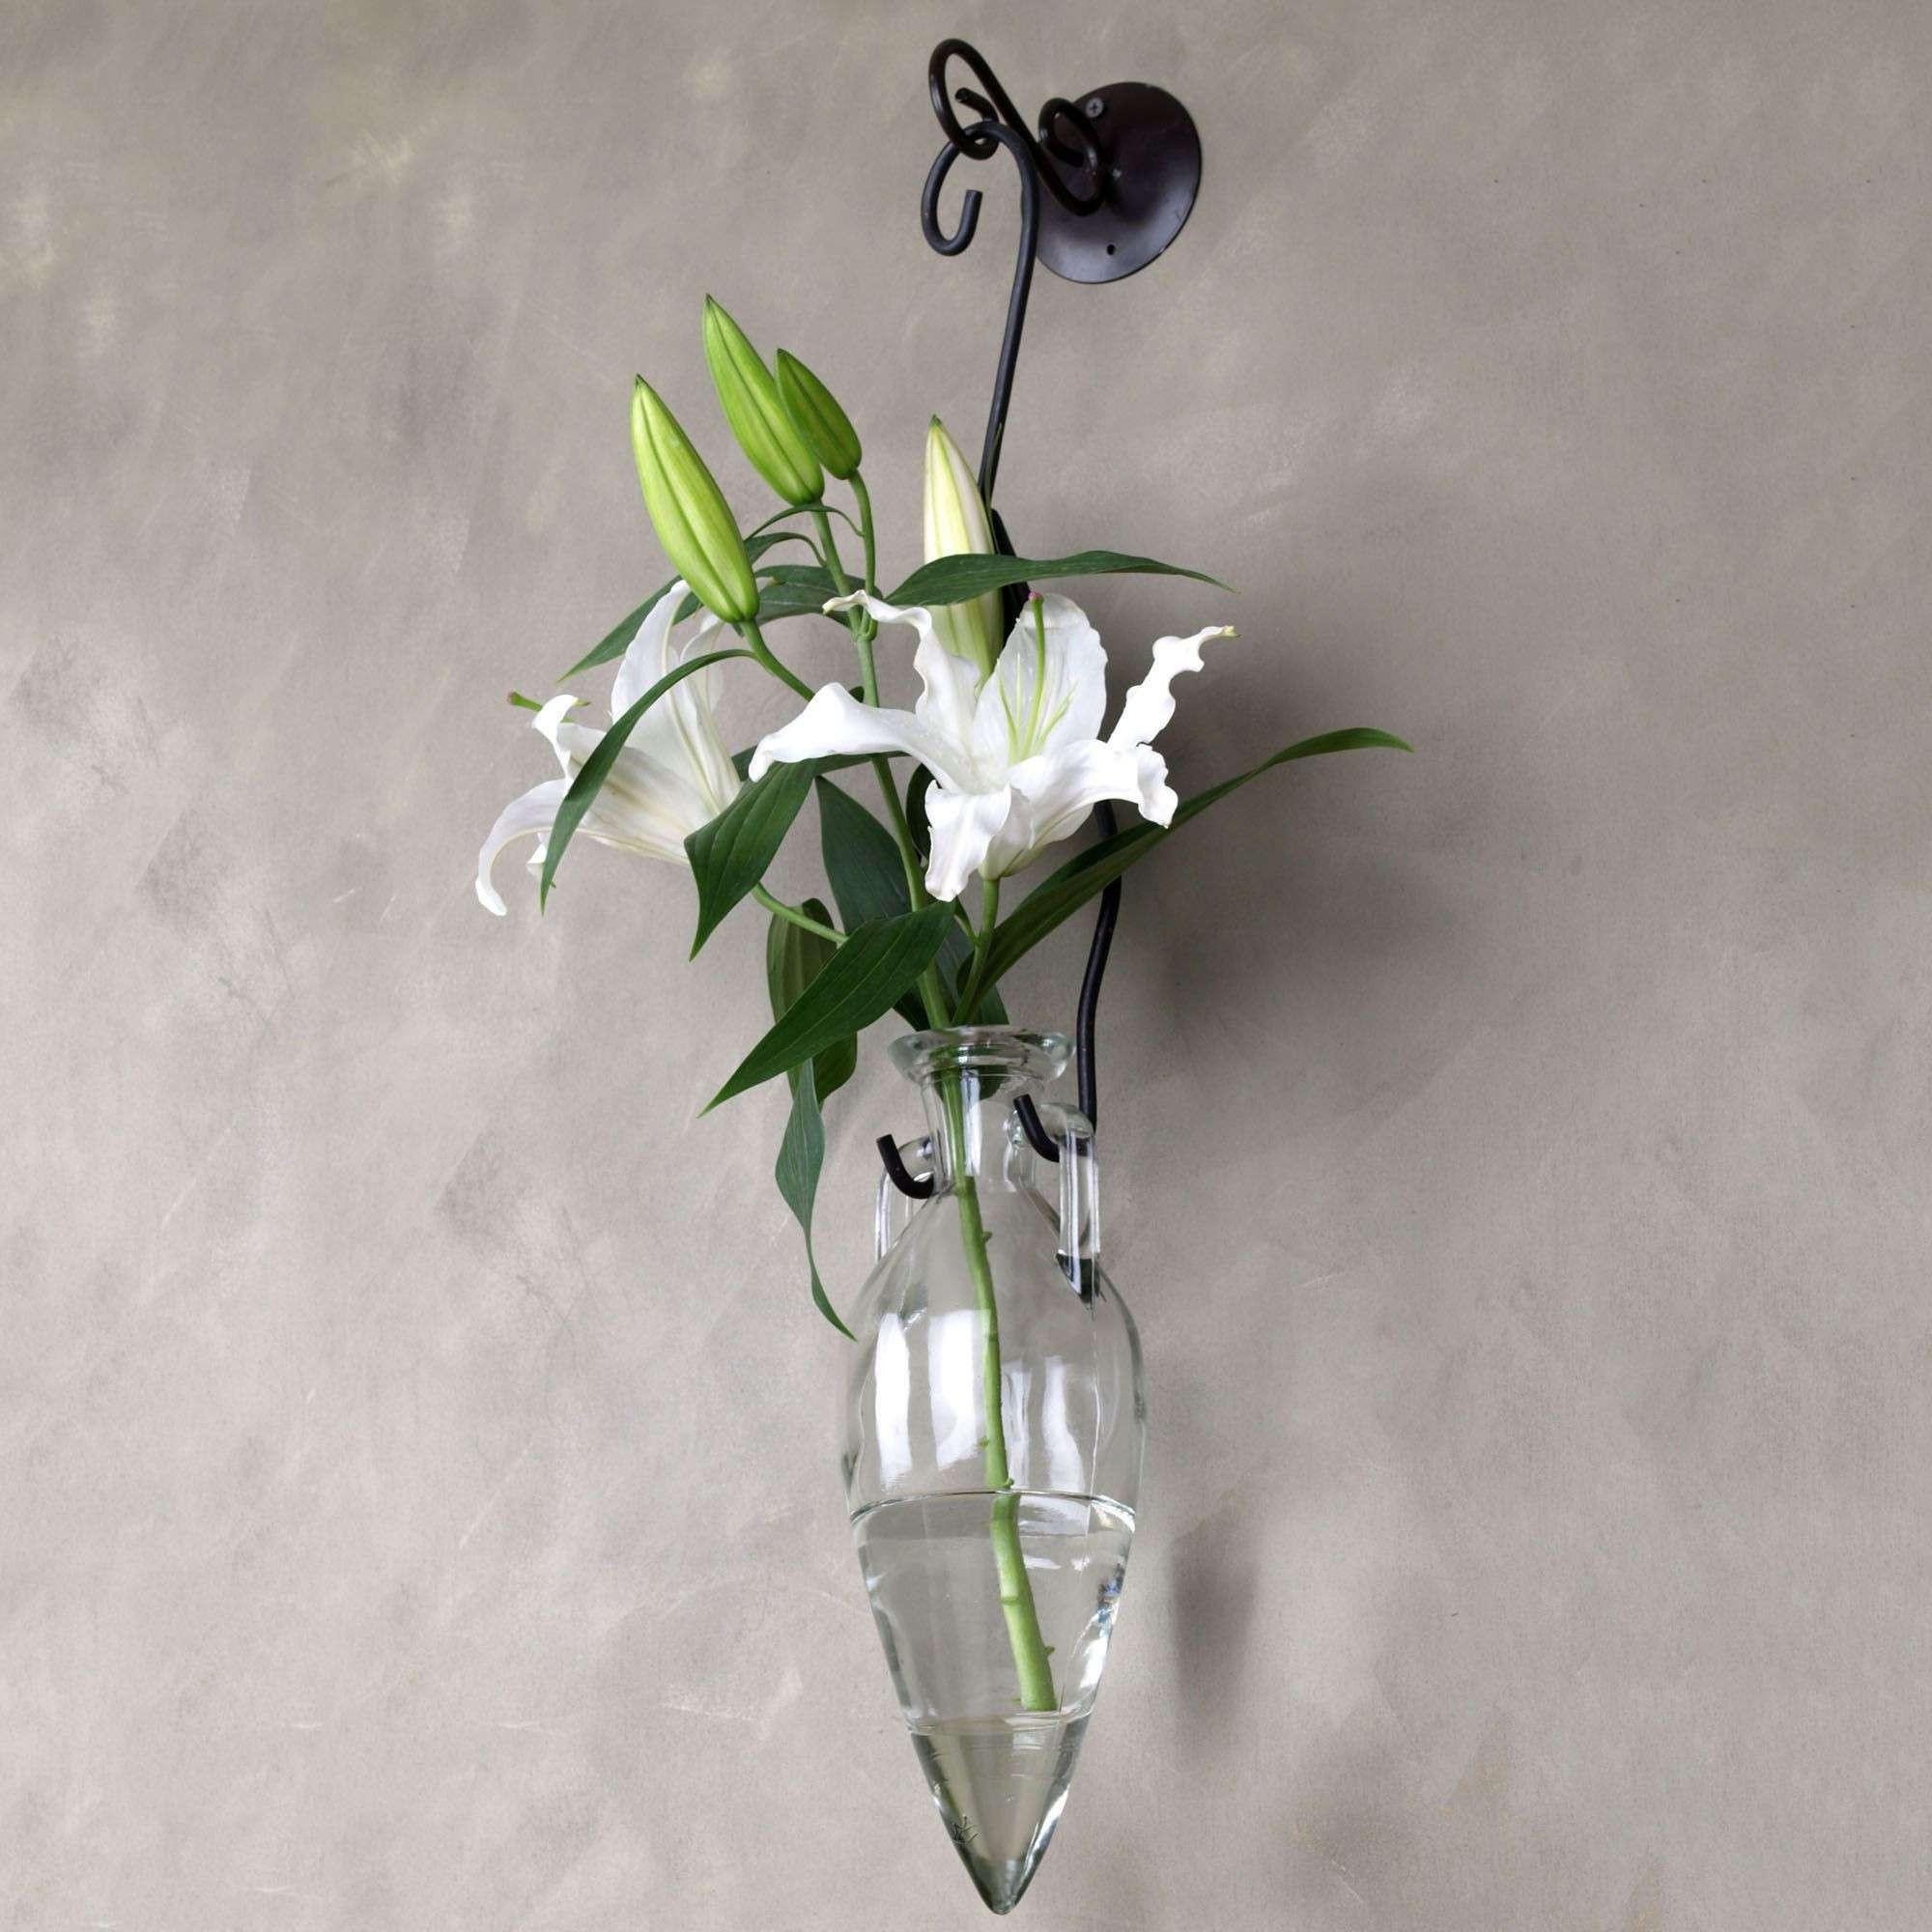 H Vases Wall Hanging Flower Vase Newspaper I 0d Scheme Wall Scheme Scheme Plant Wall